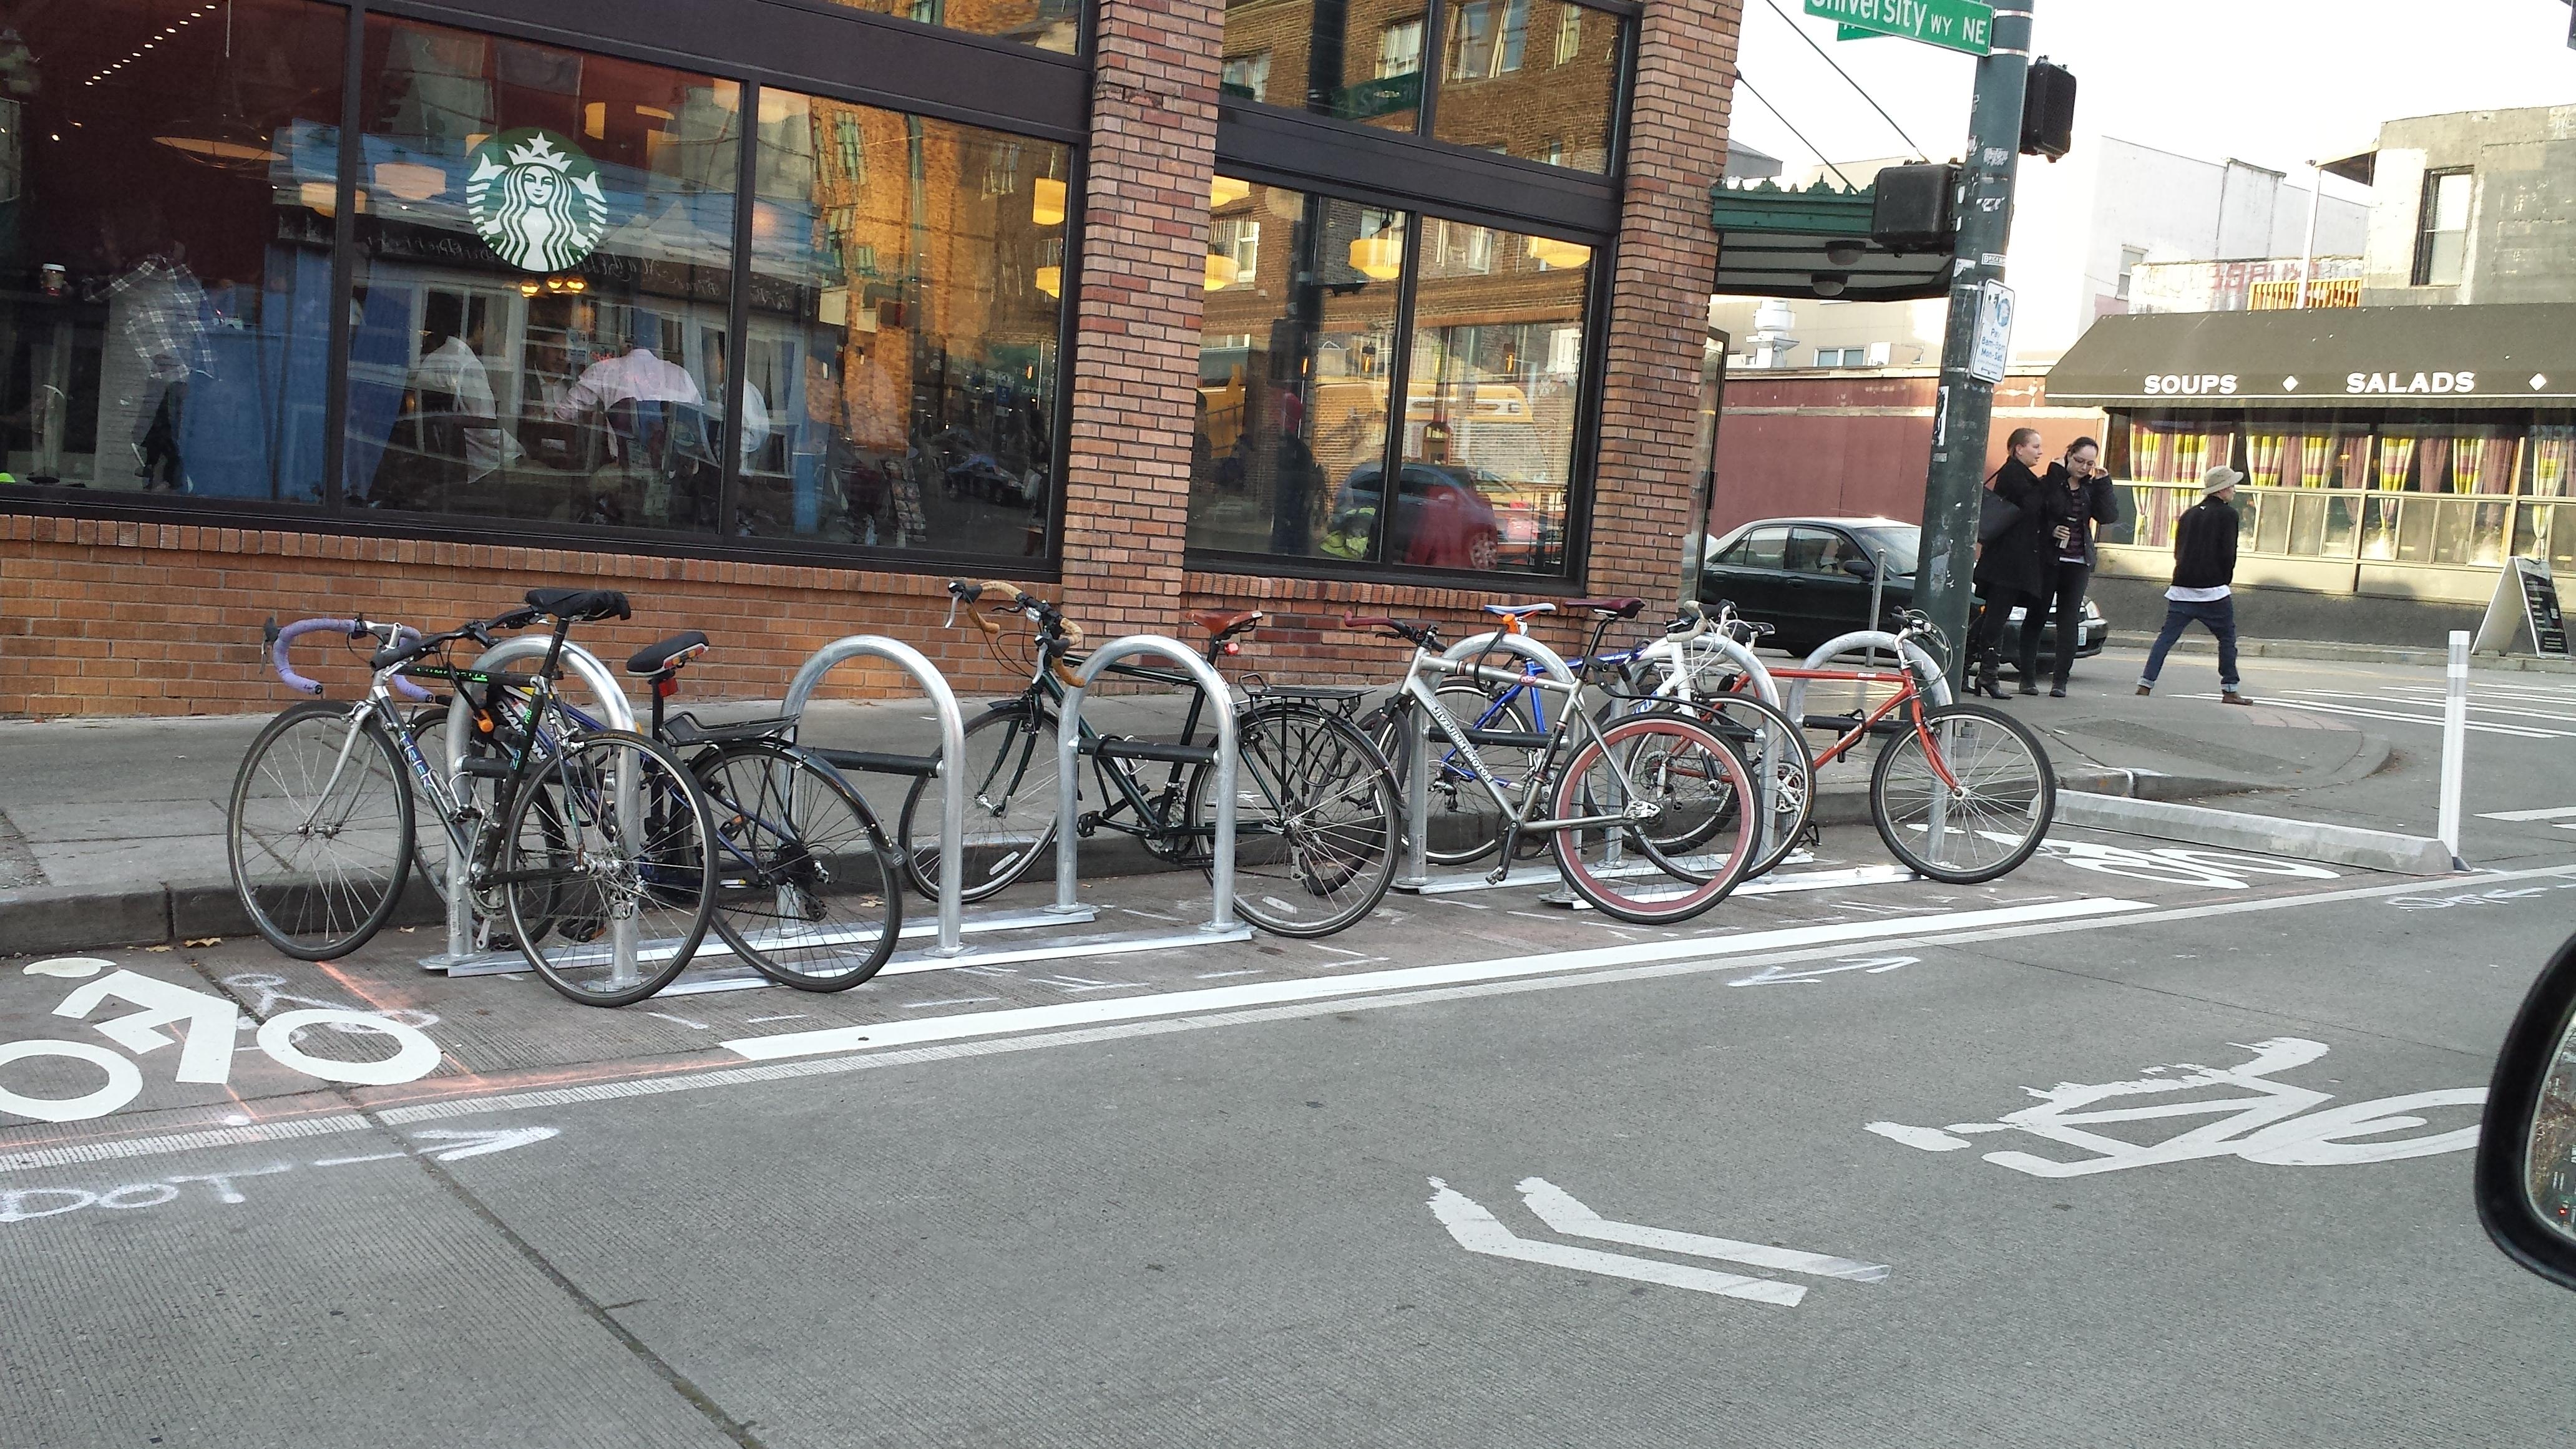 Delivering More Bike Parking For Seattle Washington